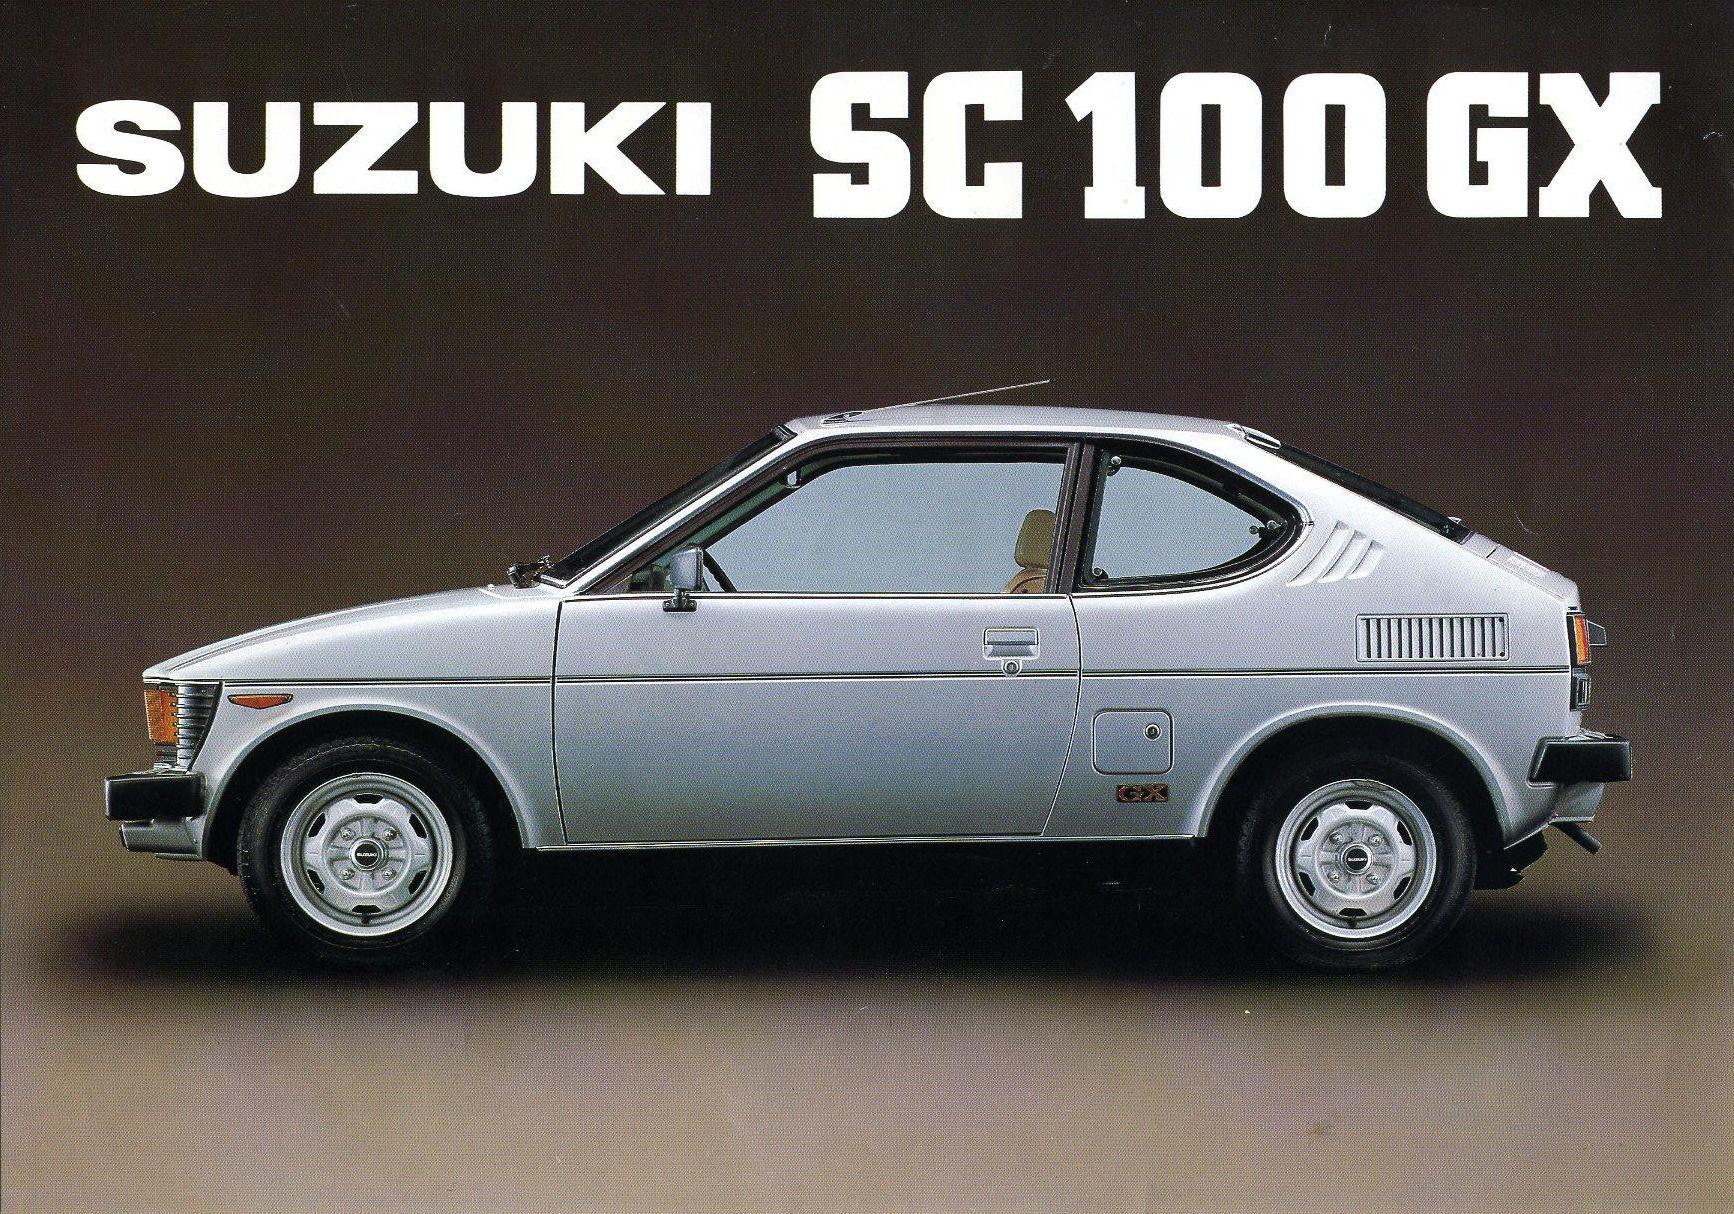 Suzuki Fronte coupé SuzukiSC100GX530